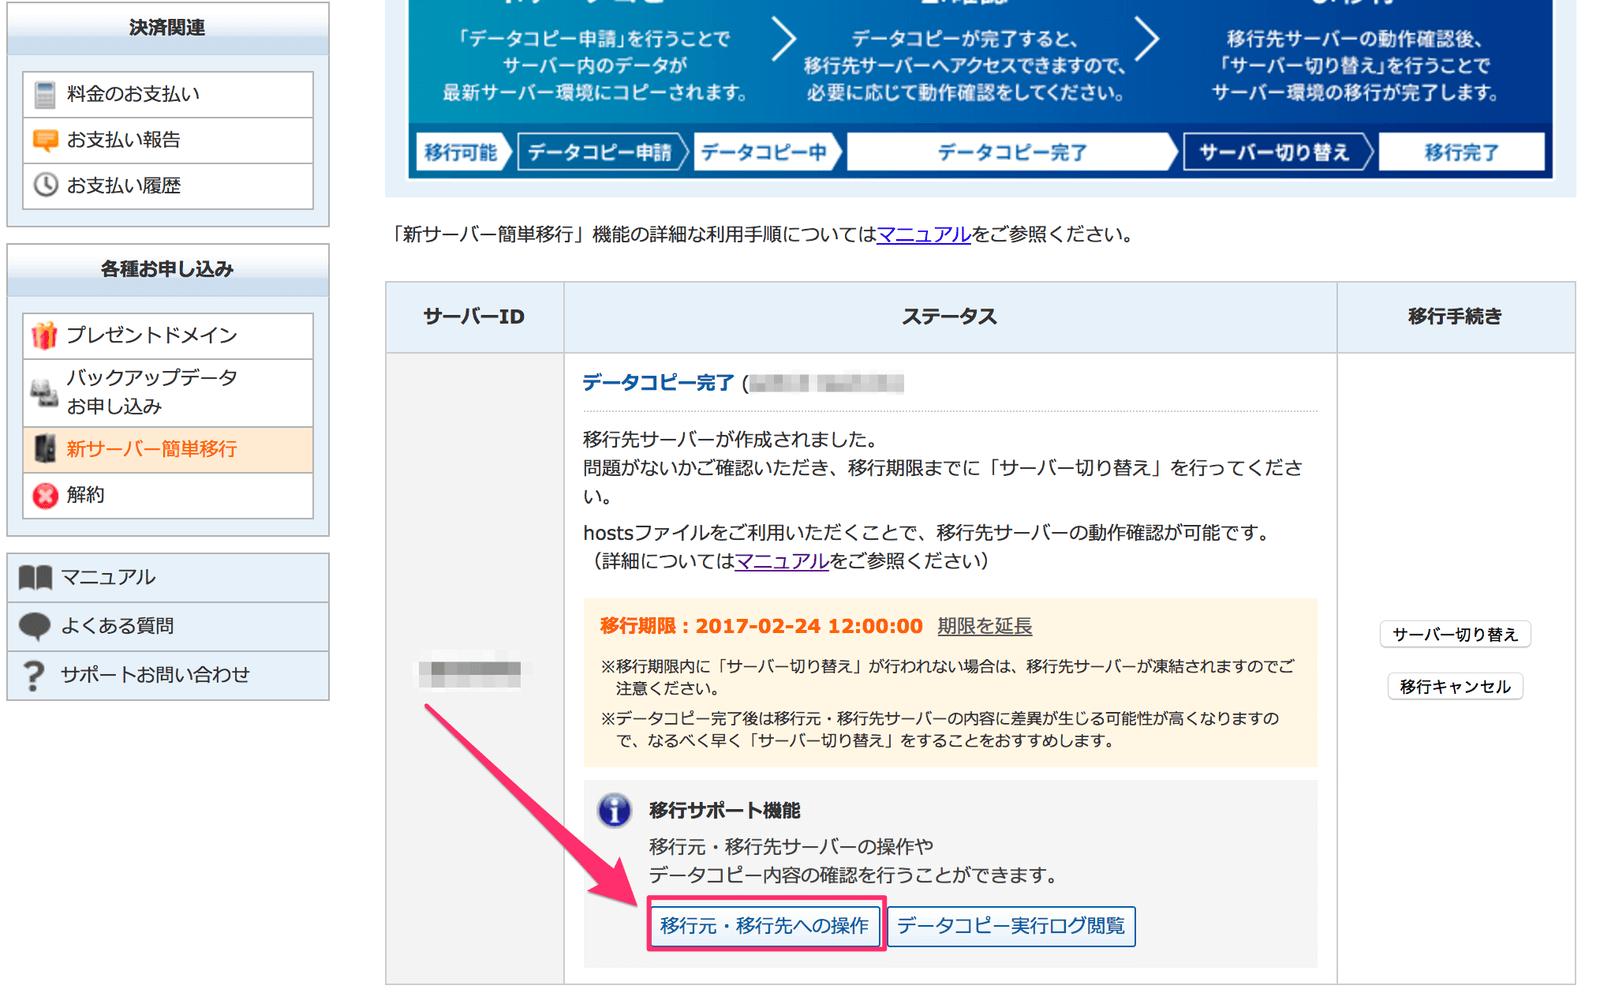 新サーバーIPの確認はインフォパネルからできる